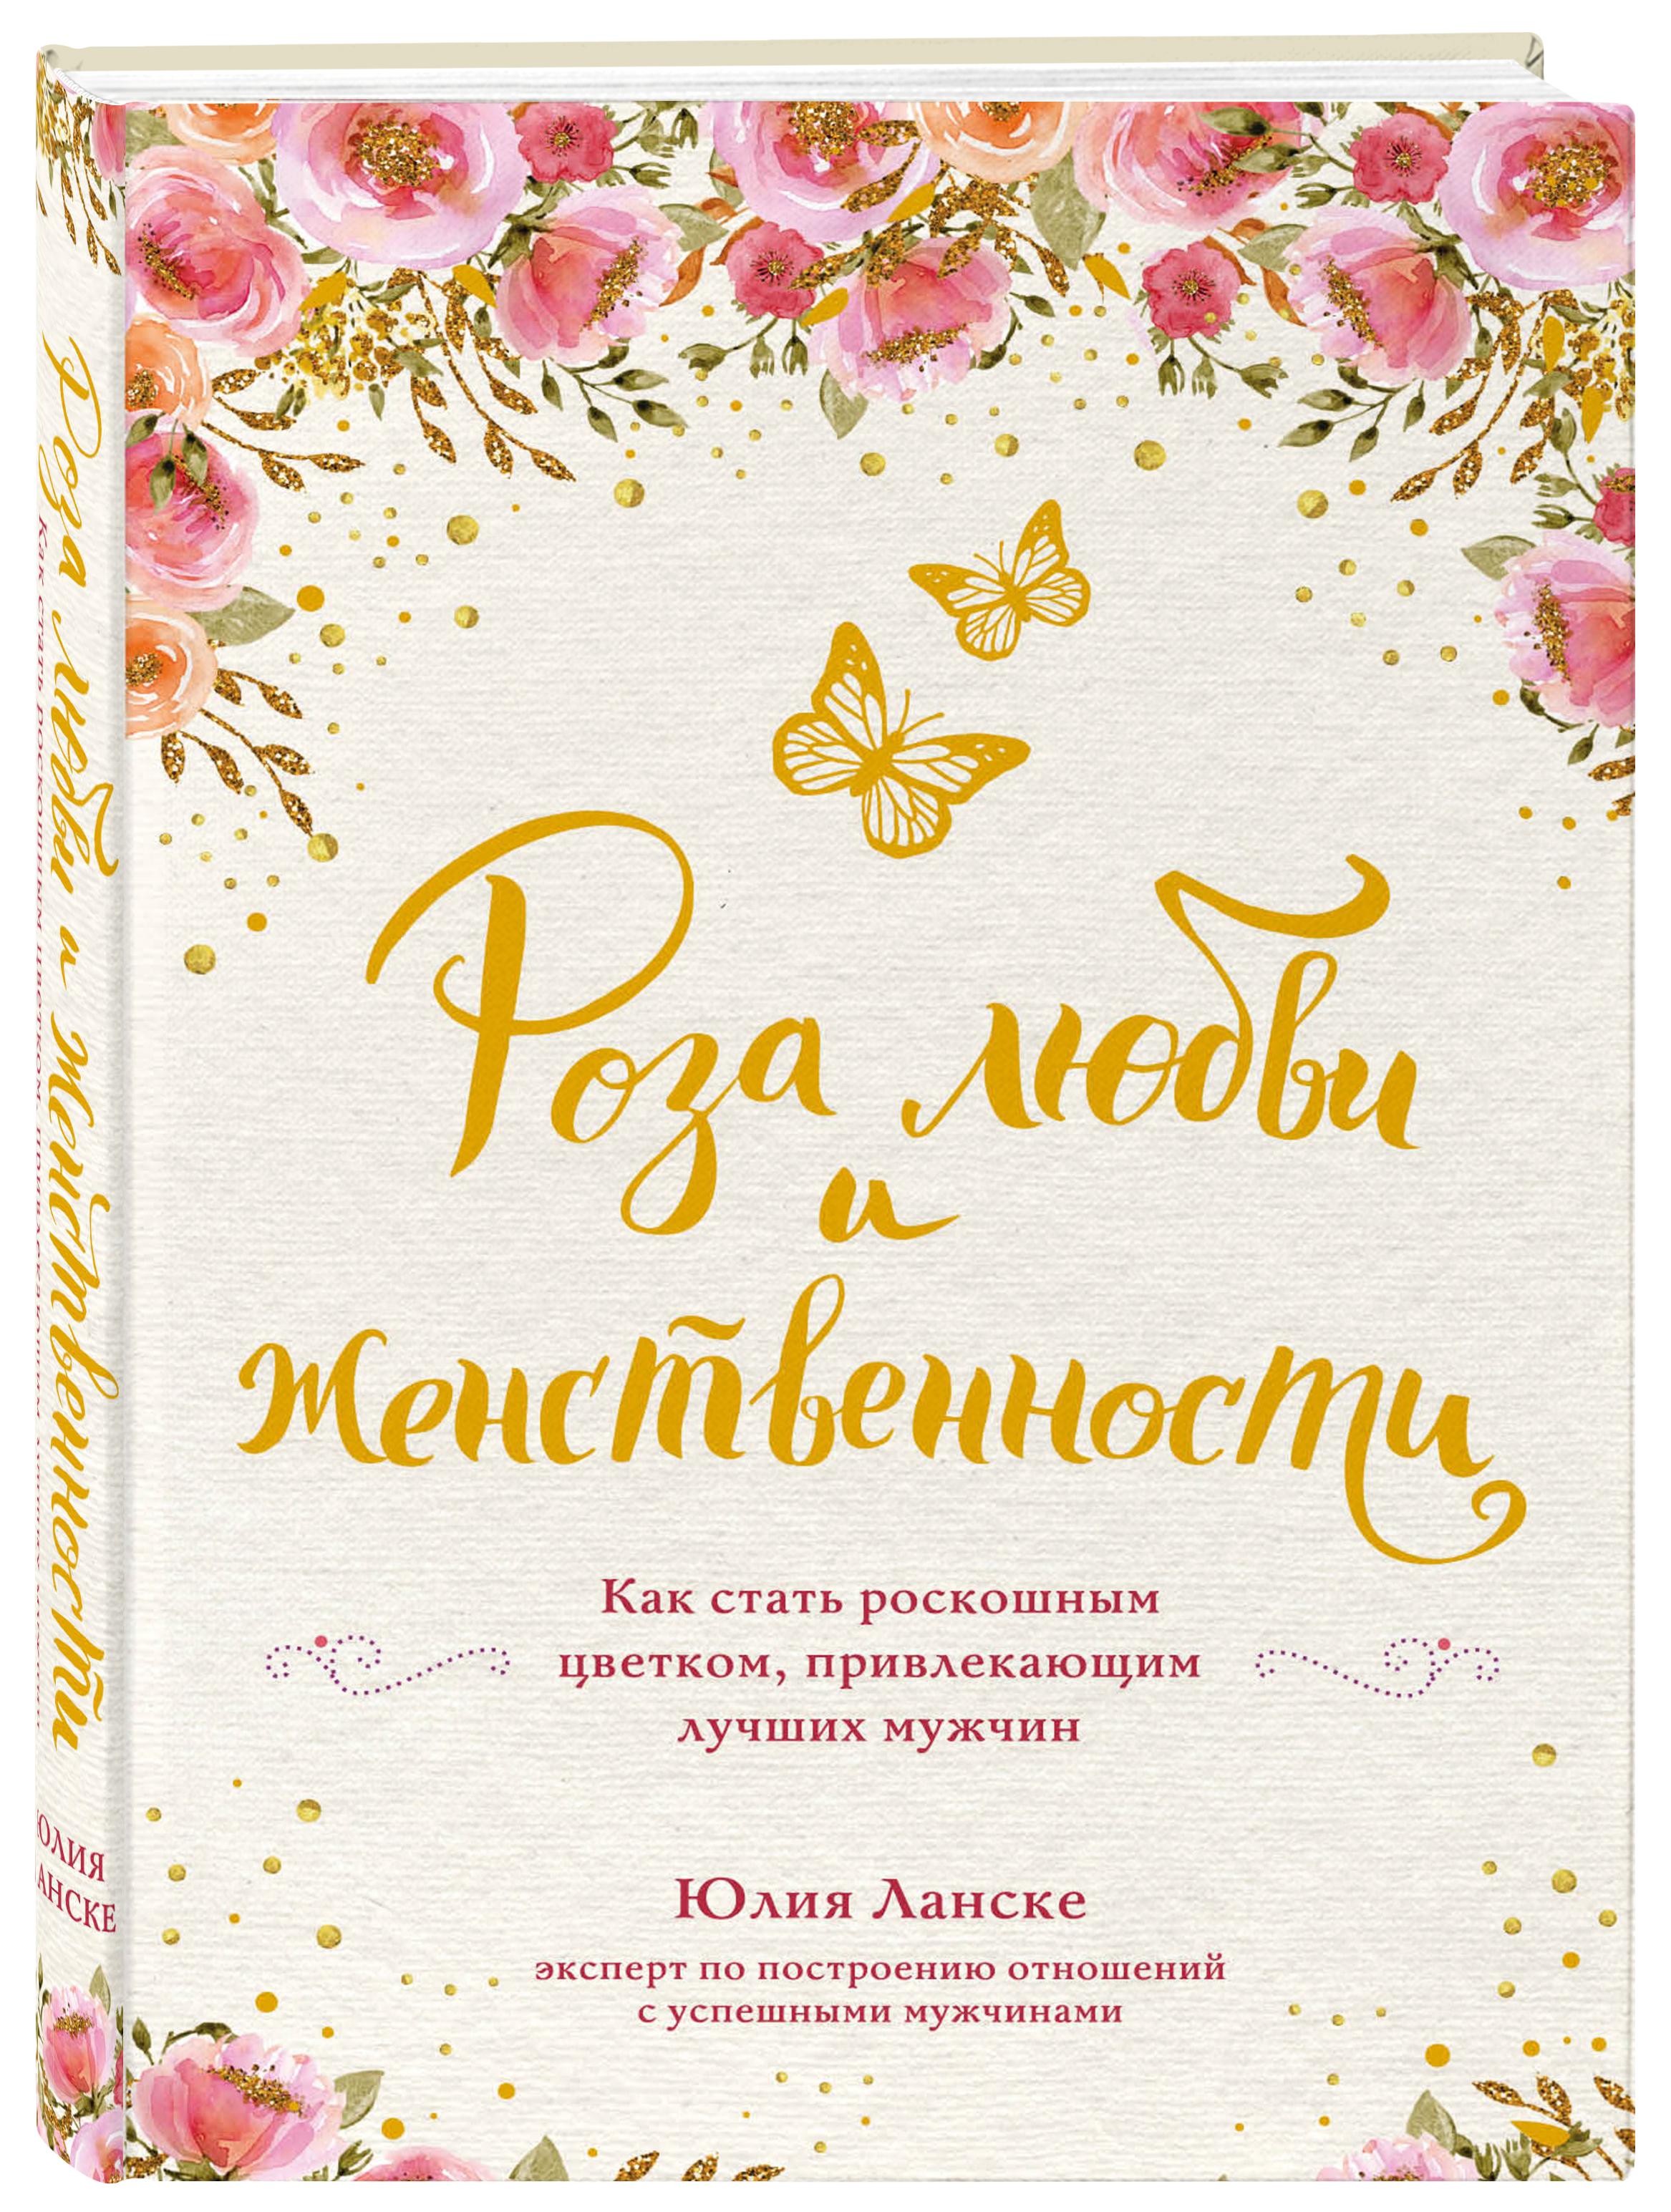 Юлия Ланске Роза любви и женственности. Как стать роскошным цветком, привлекающим лучших мужчин ланске ю роза любви и женственности